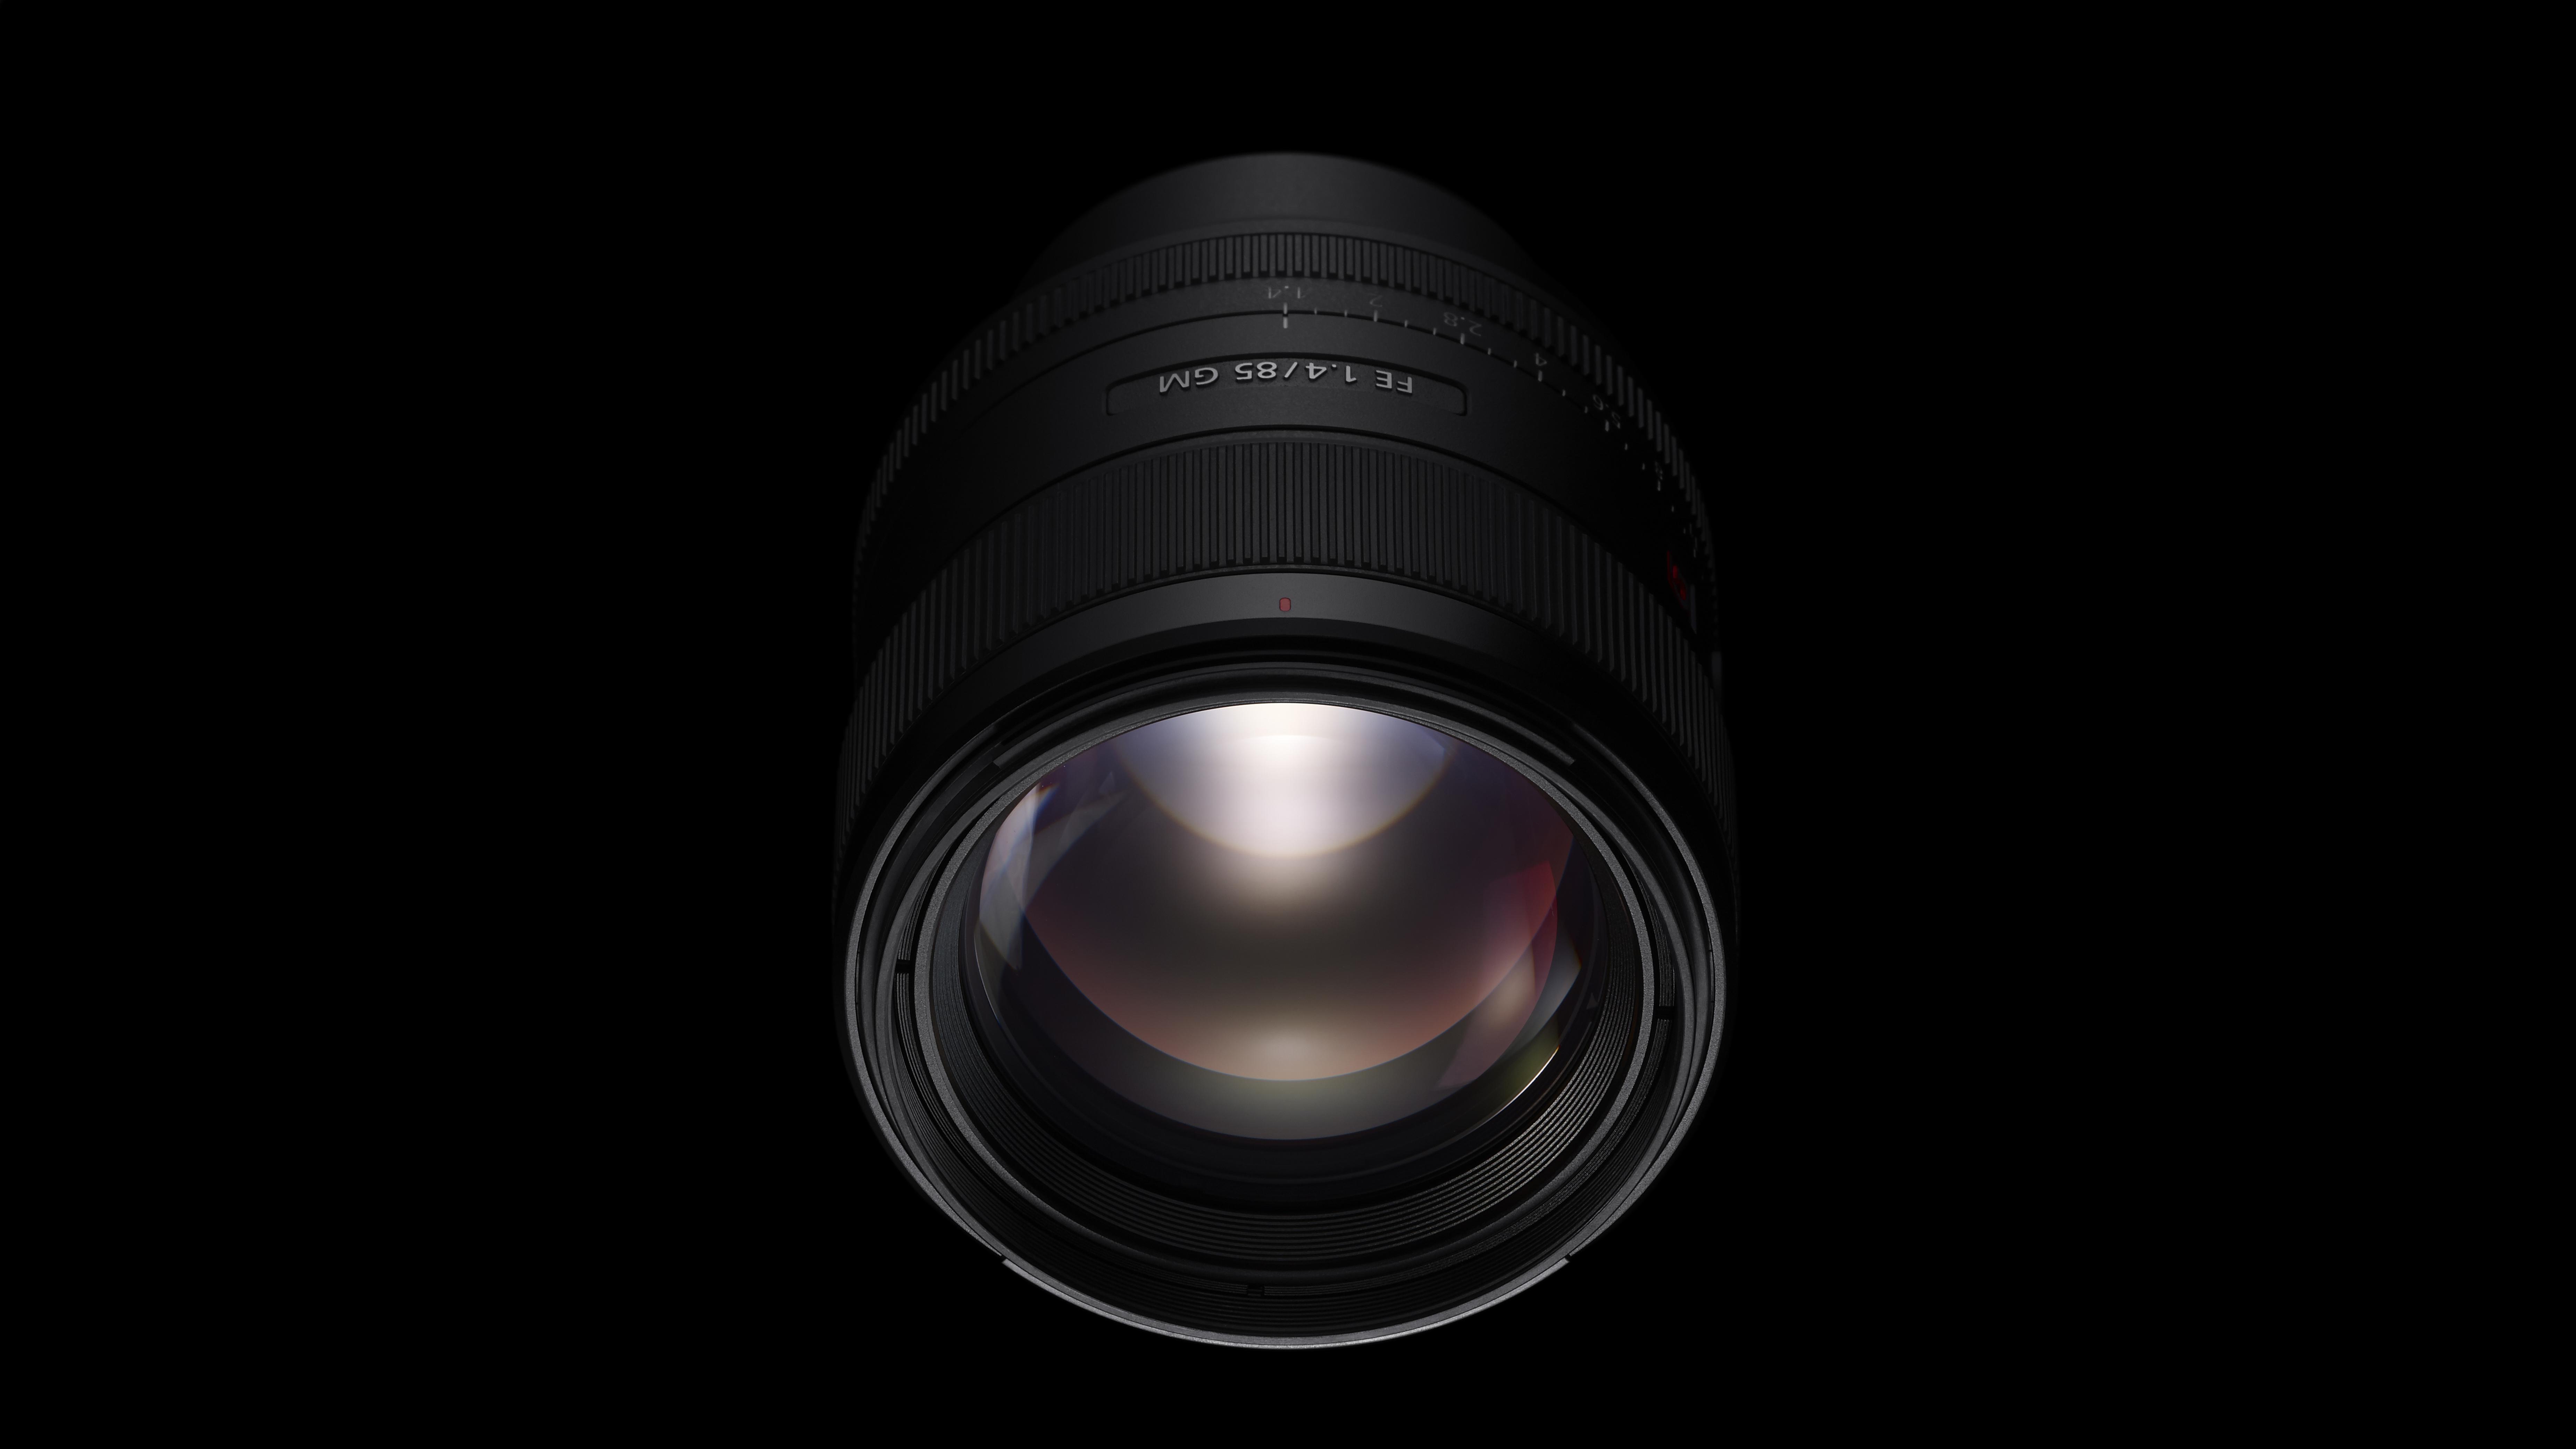 Best Sony lenses 2018: 10 top lenses for Sony mirrorless cameras ...